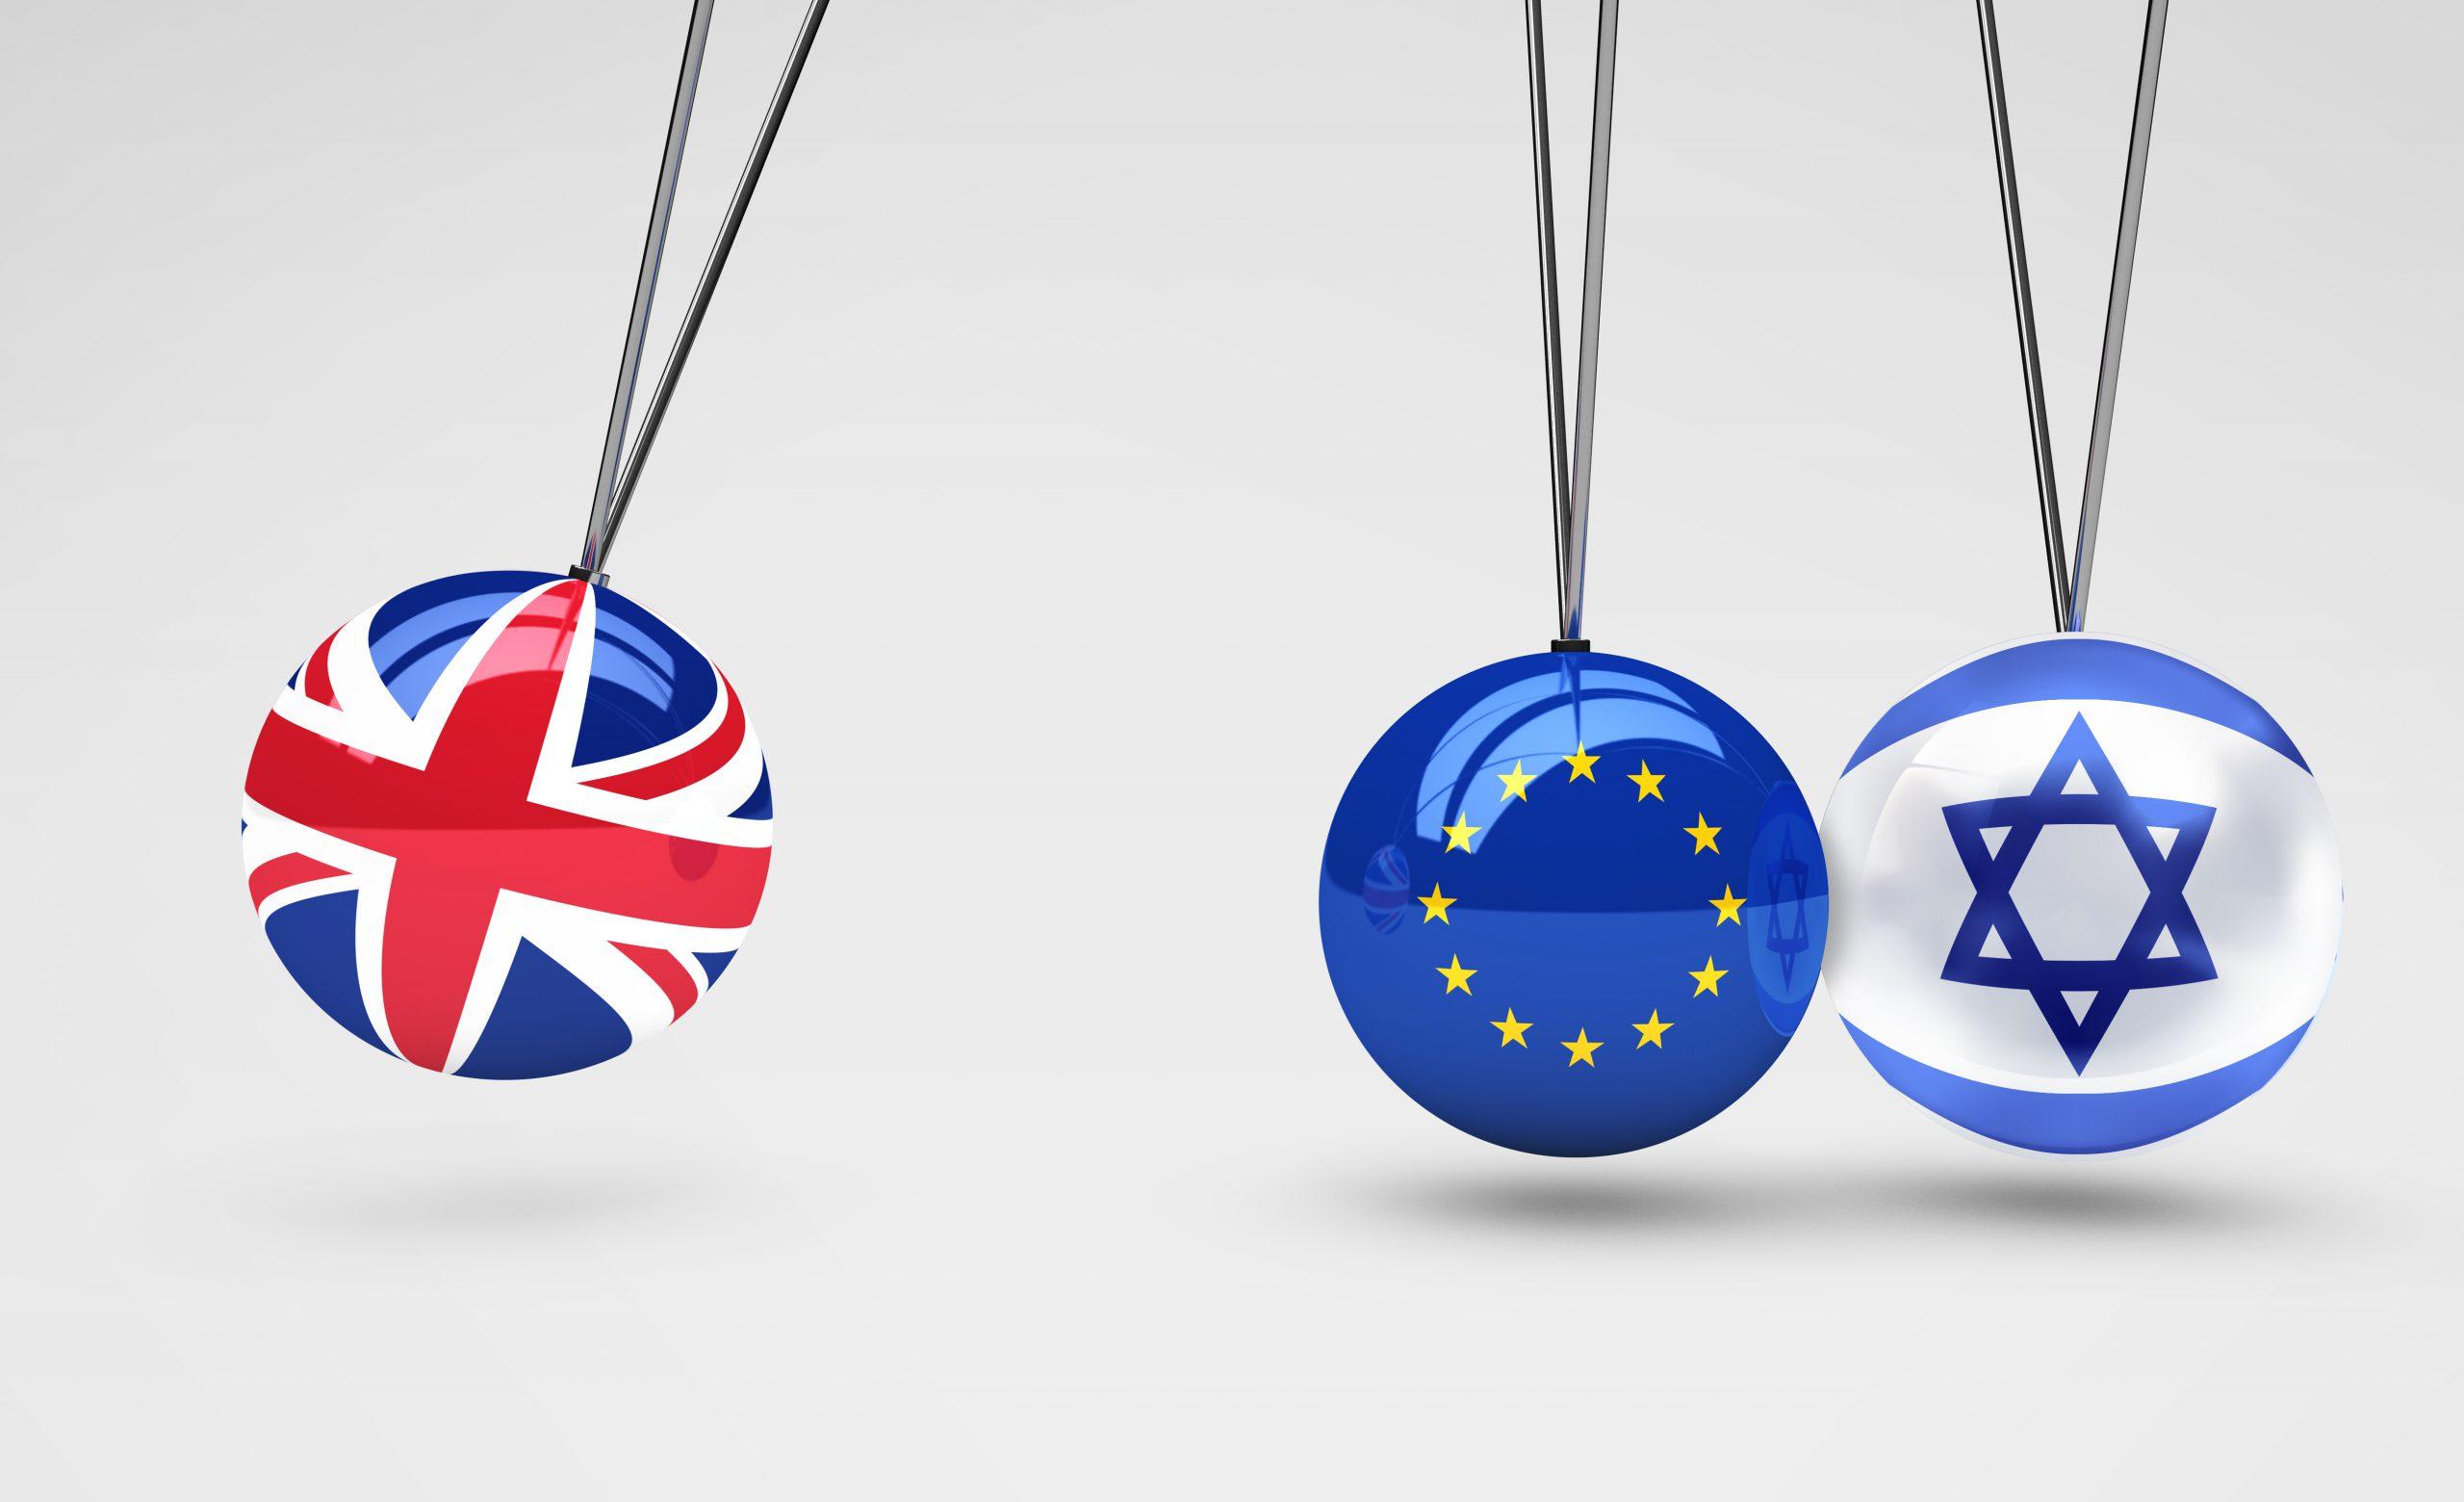 הזמנה לוובינר – שנה לברקזיט: שינויים והתאמות בתהליכי הסחר הבינלאומיים בבריטניה